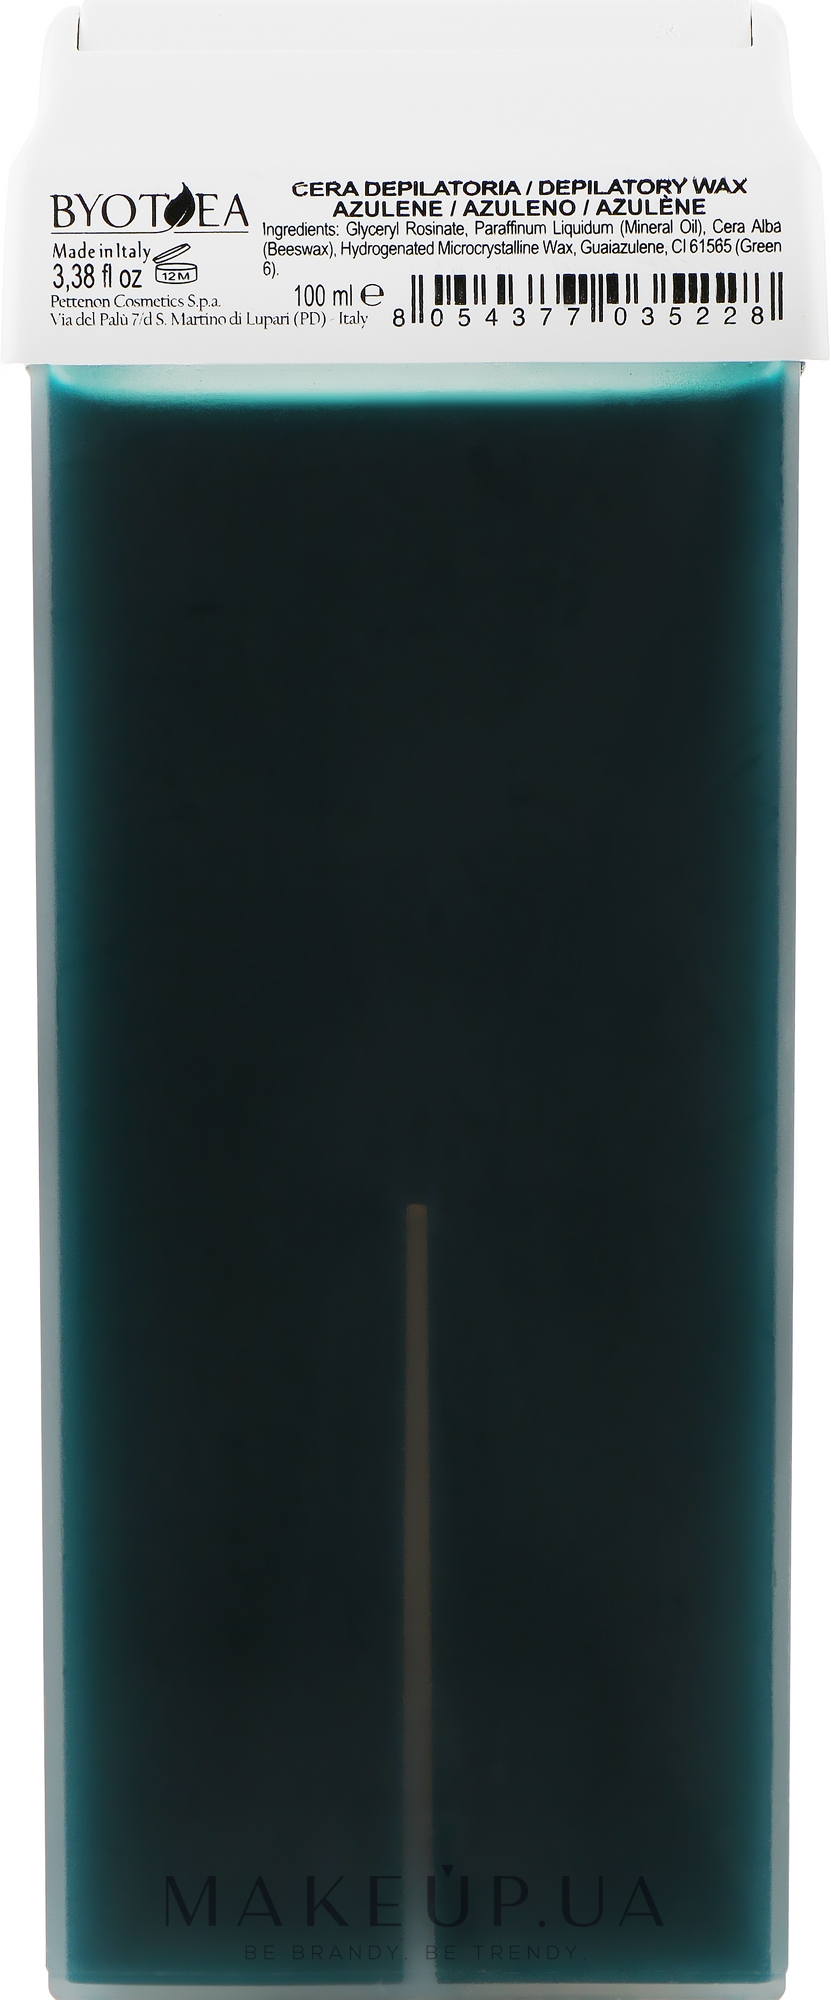 Віск для депіляції - Byothea Wax for Hair Removal — фото 100ml